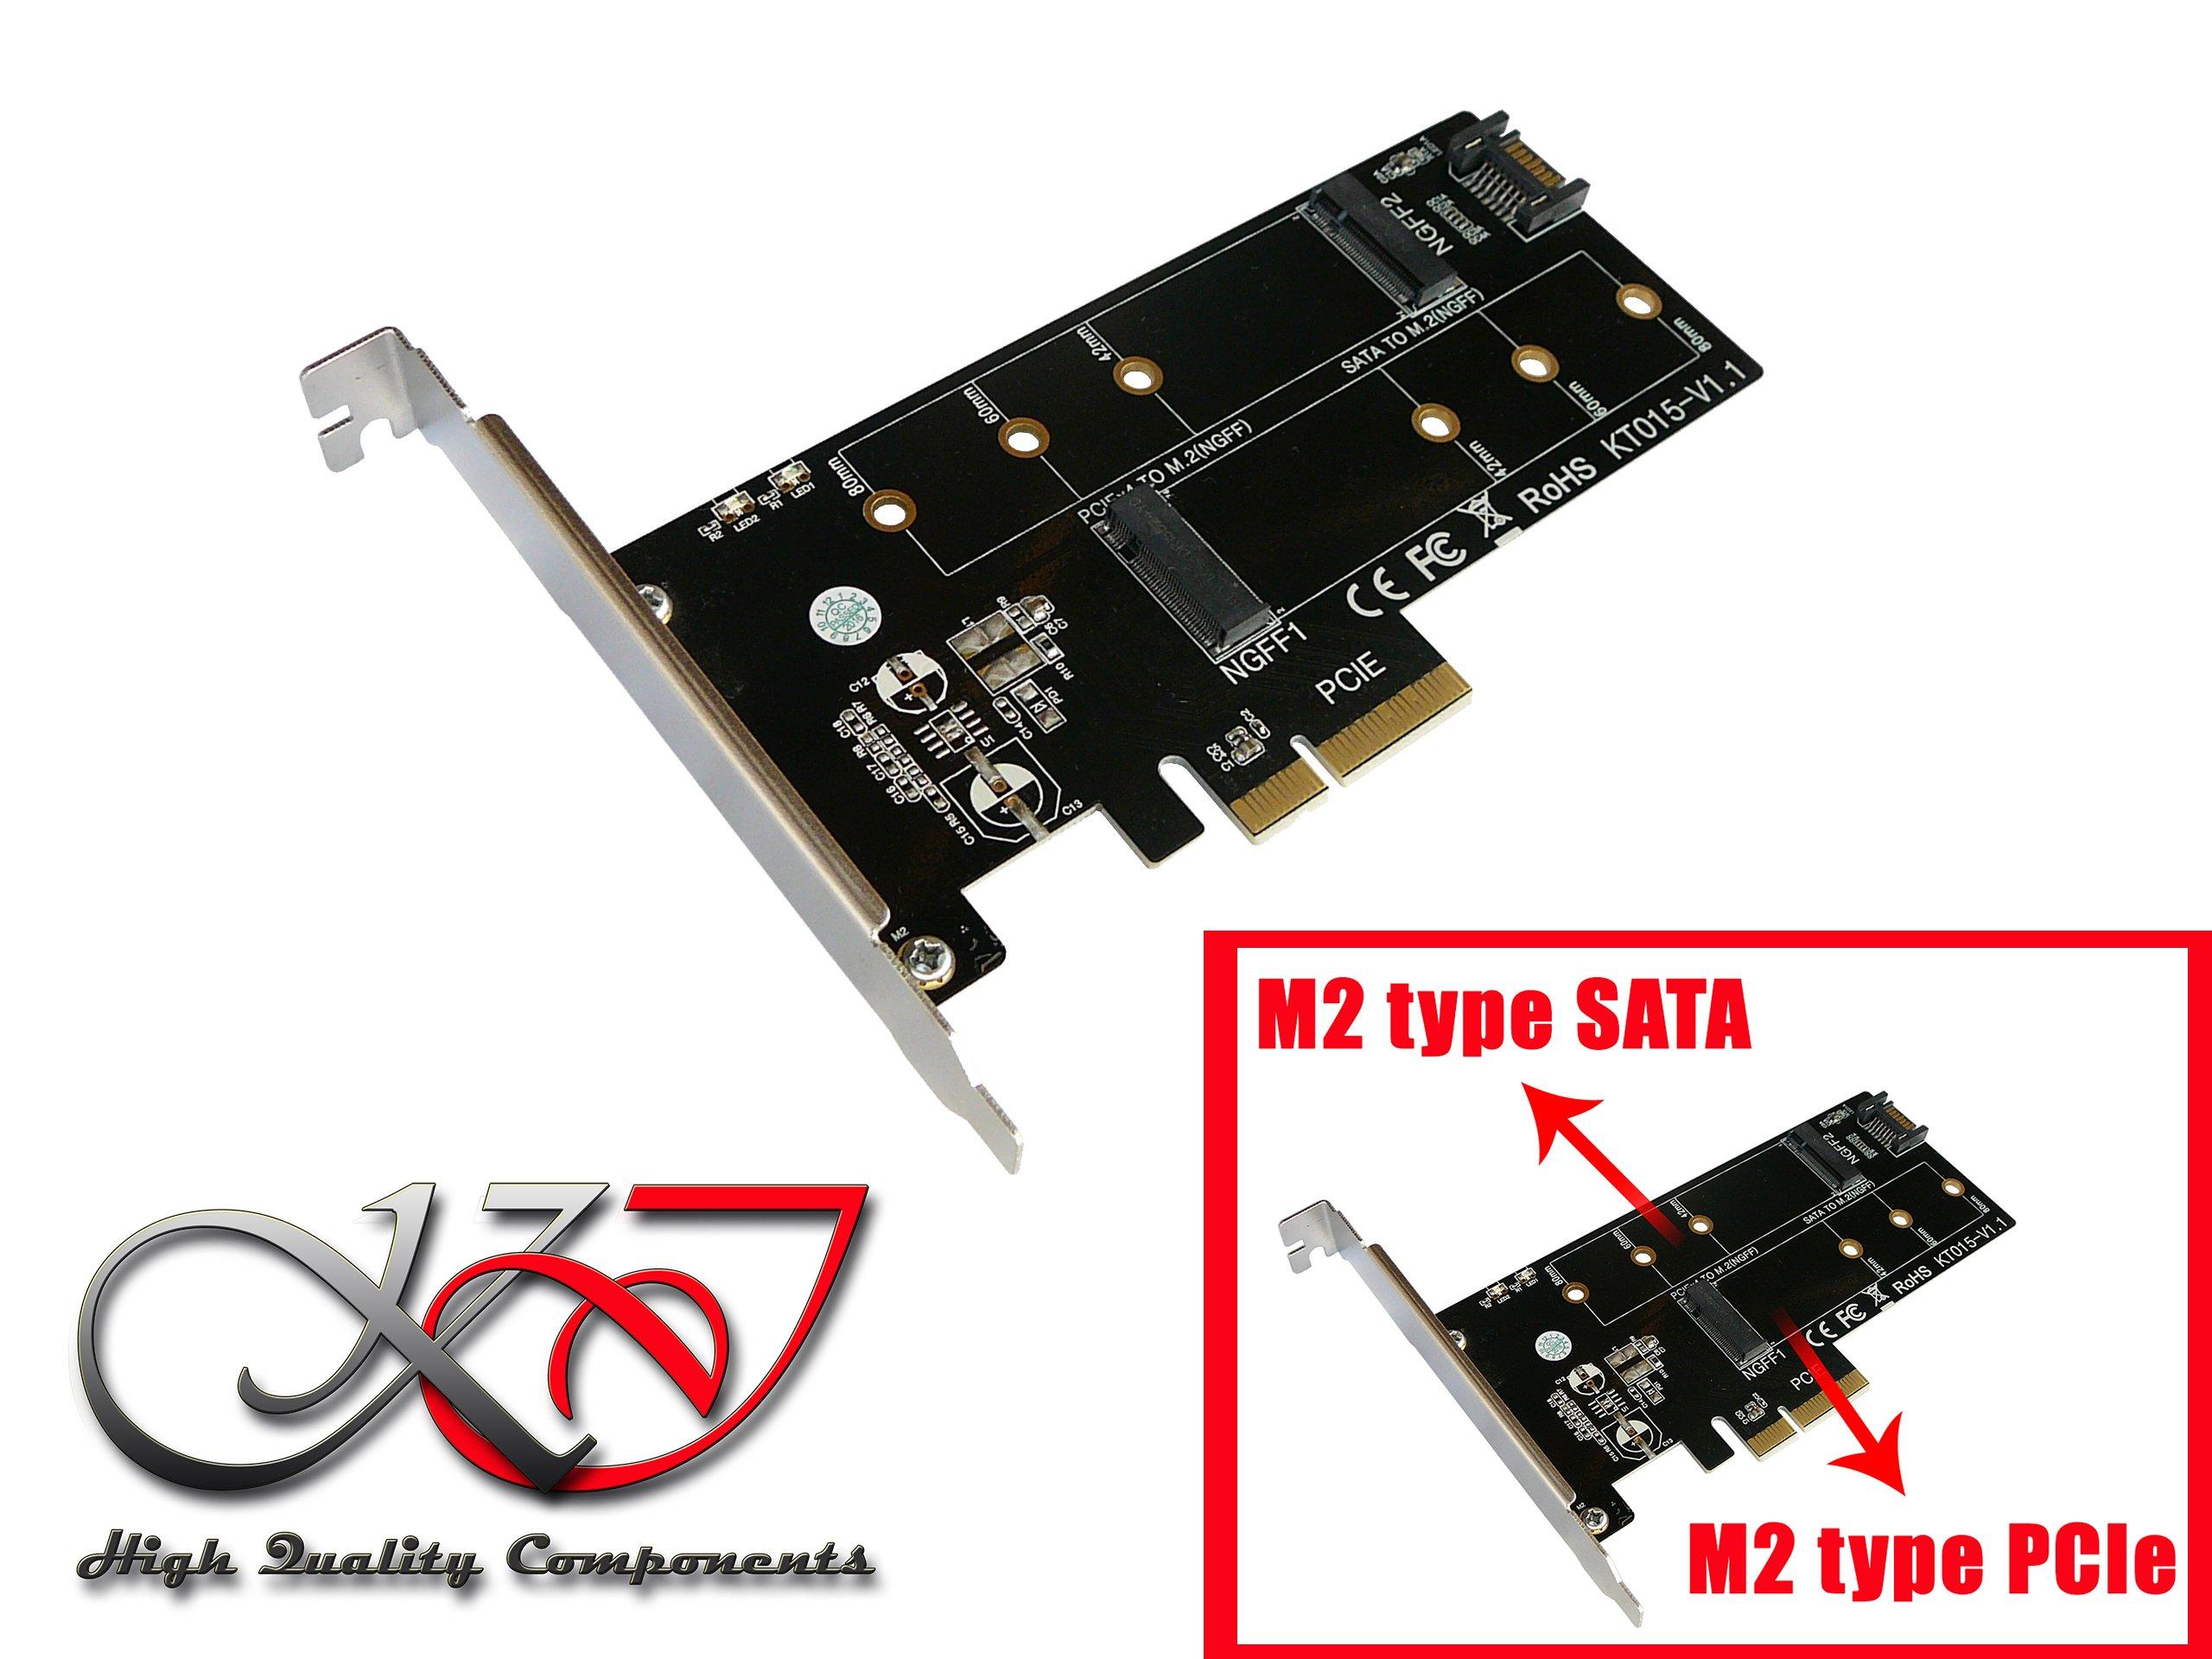 Kalea-Informatique – Tarjeta controladora PCIe 2.0 x4 para SSD M2 ...